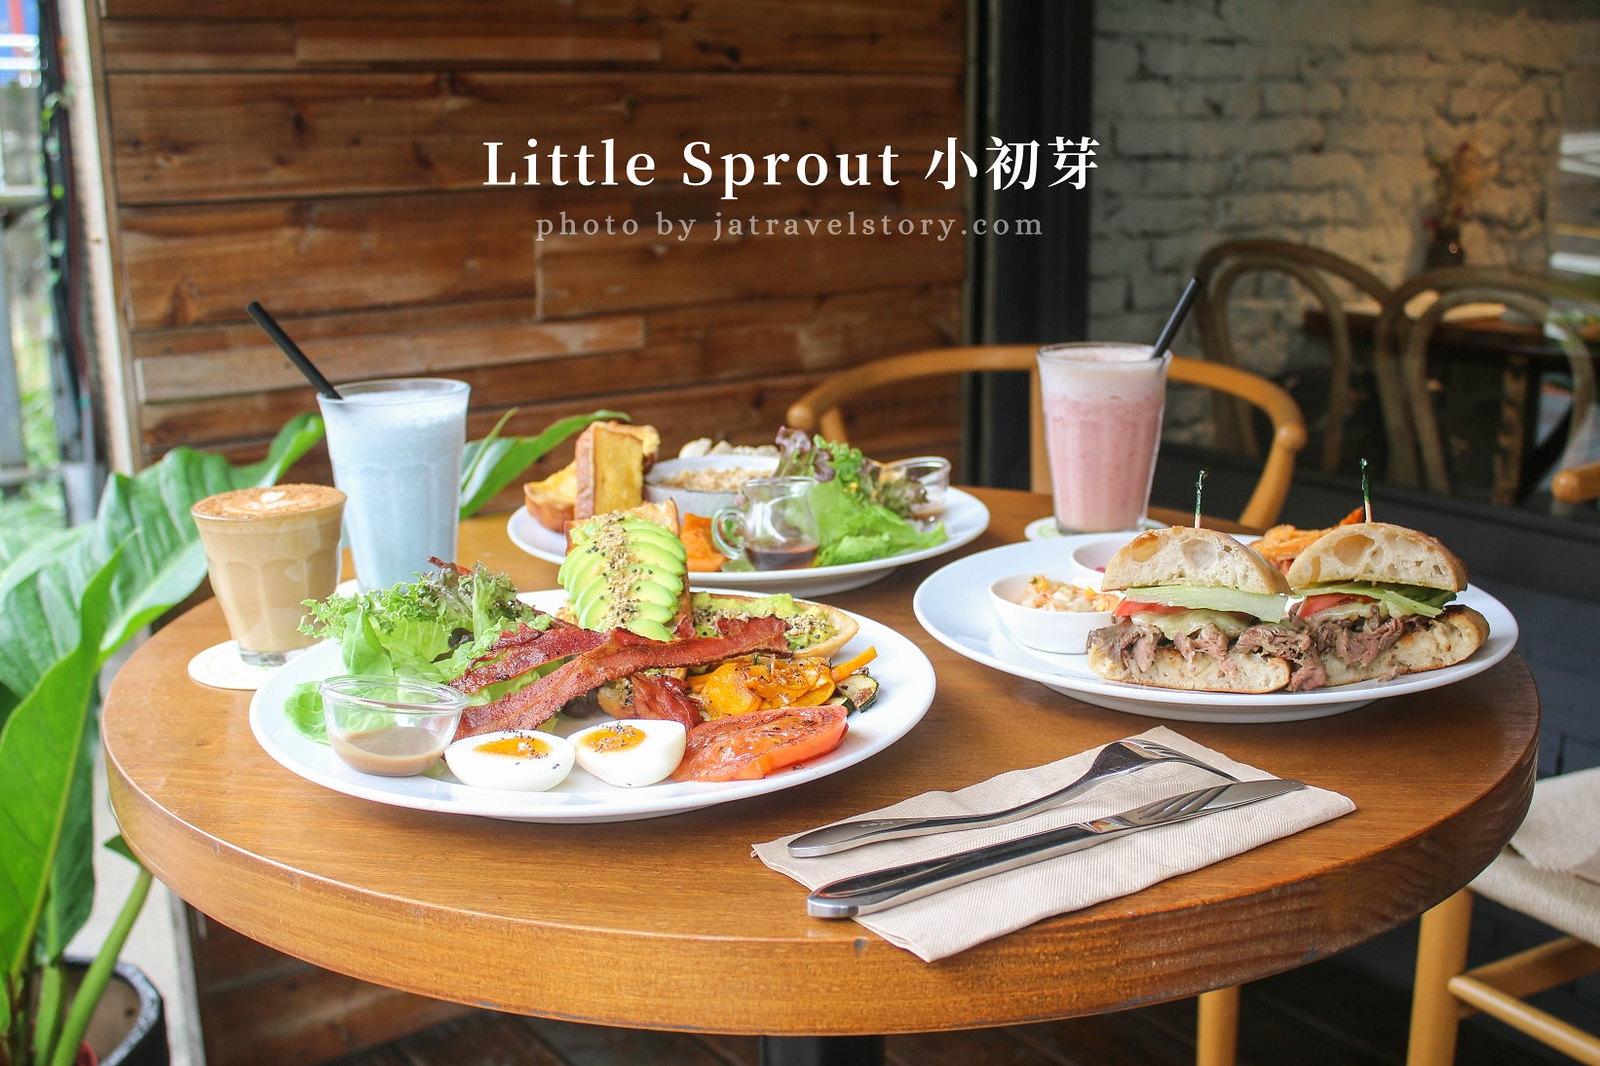 最新推播訊息:Little Sprout 小初芽 清新風客製化早午餐